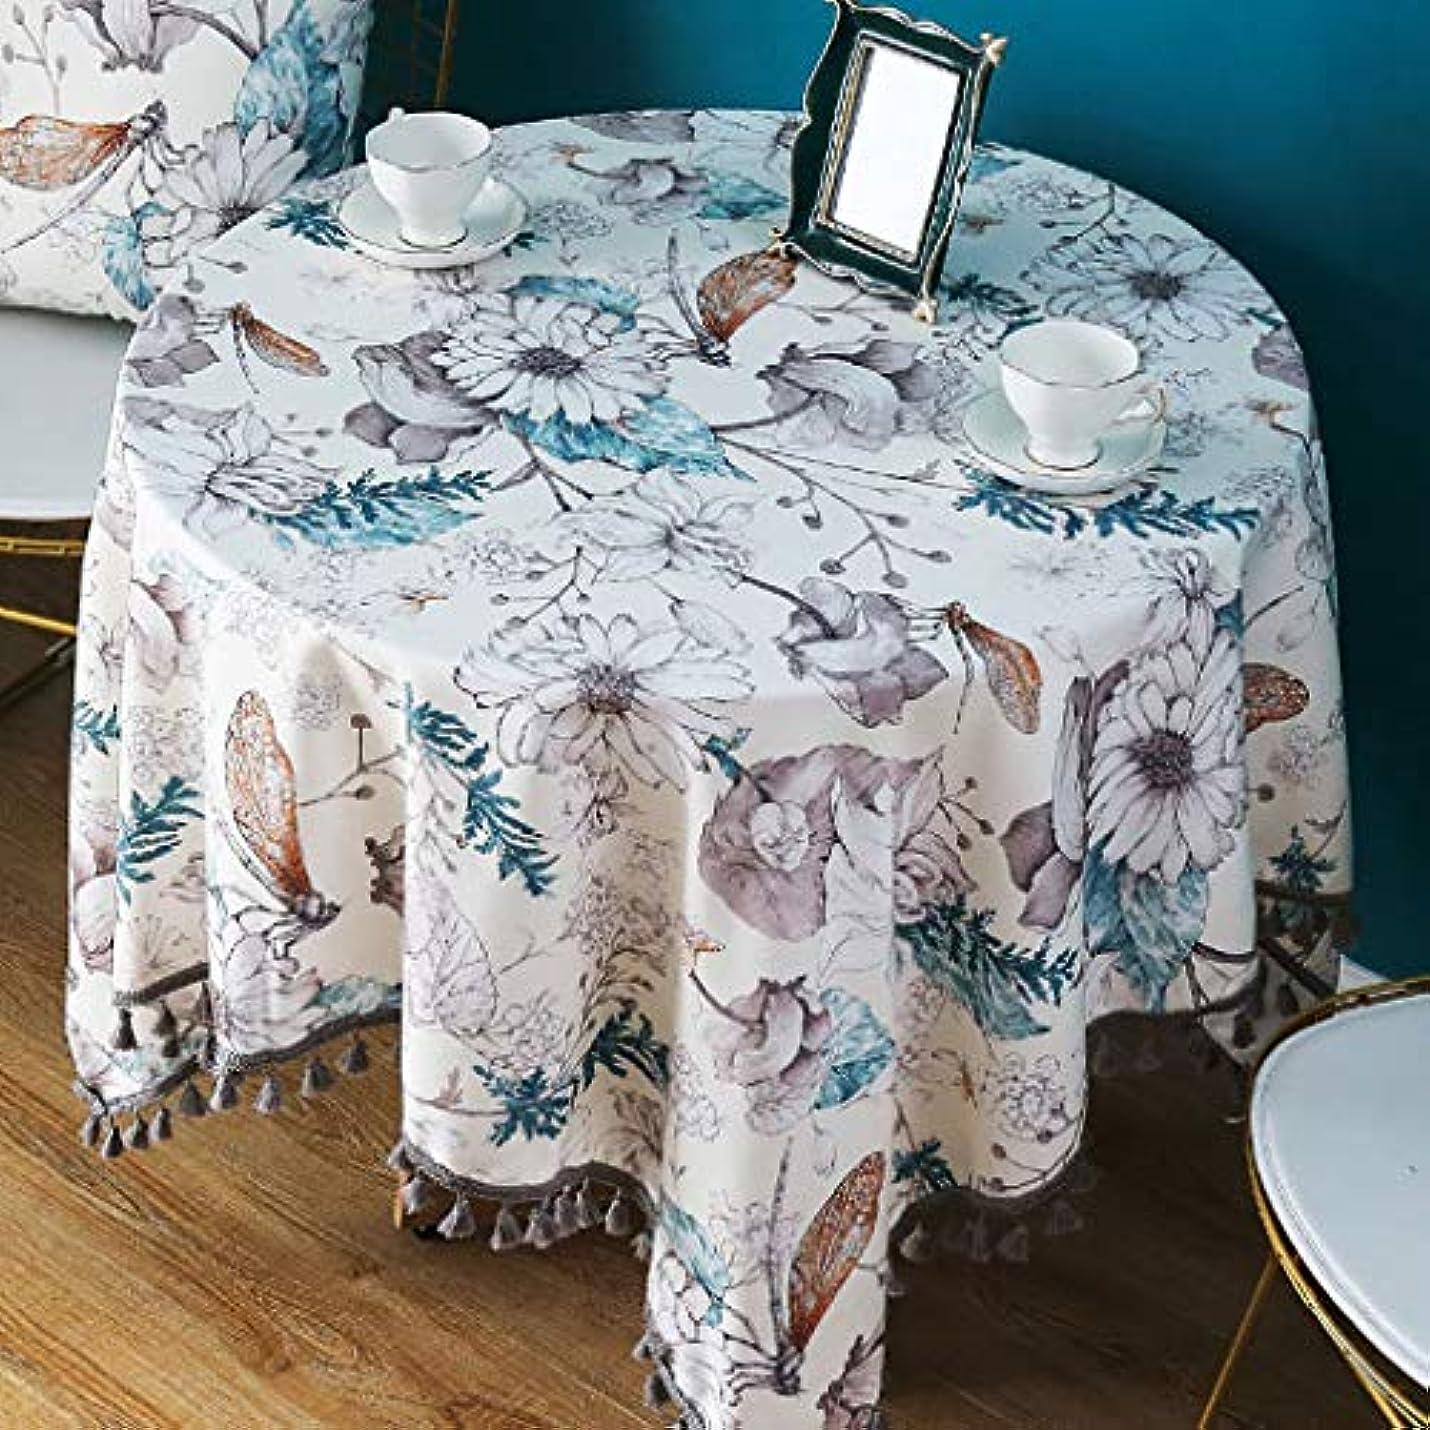 ご覧くださいさせるヤングラウンドコットンリネンテーブルクロス,洗える タッセルテーブルクロス 素朴な 印刷 シワ ファビック スクエア ダイニング テーブル カバー -c 60x60cm(24x24inch)